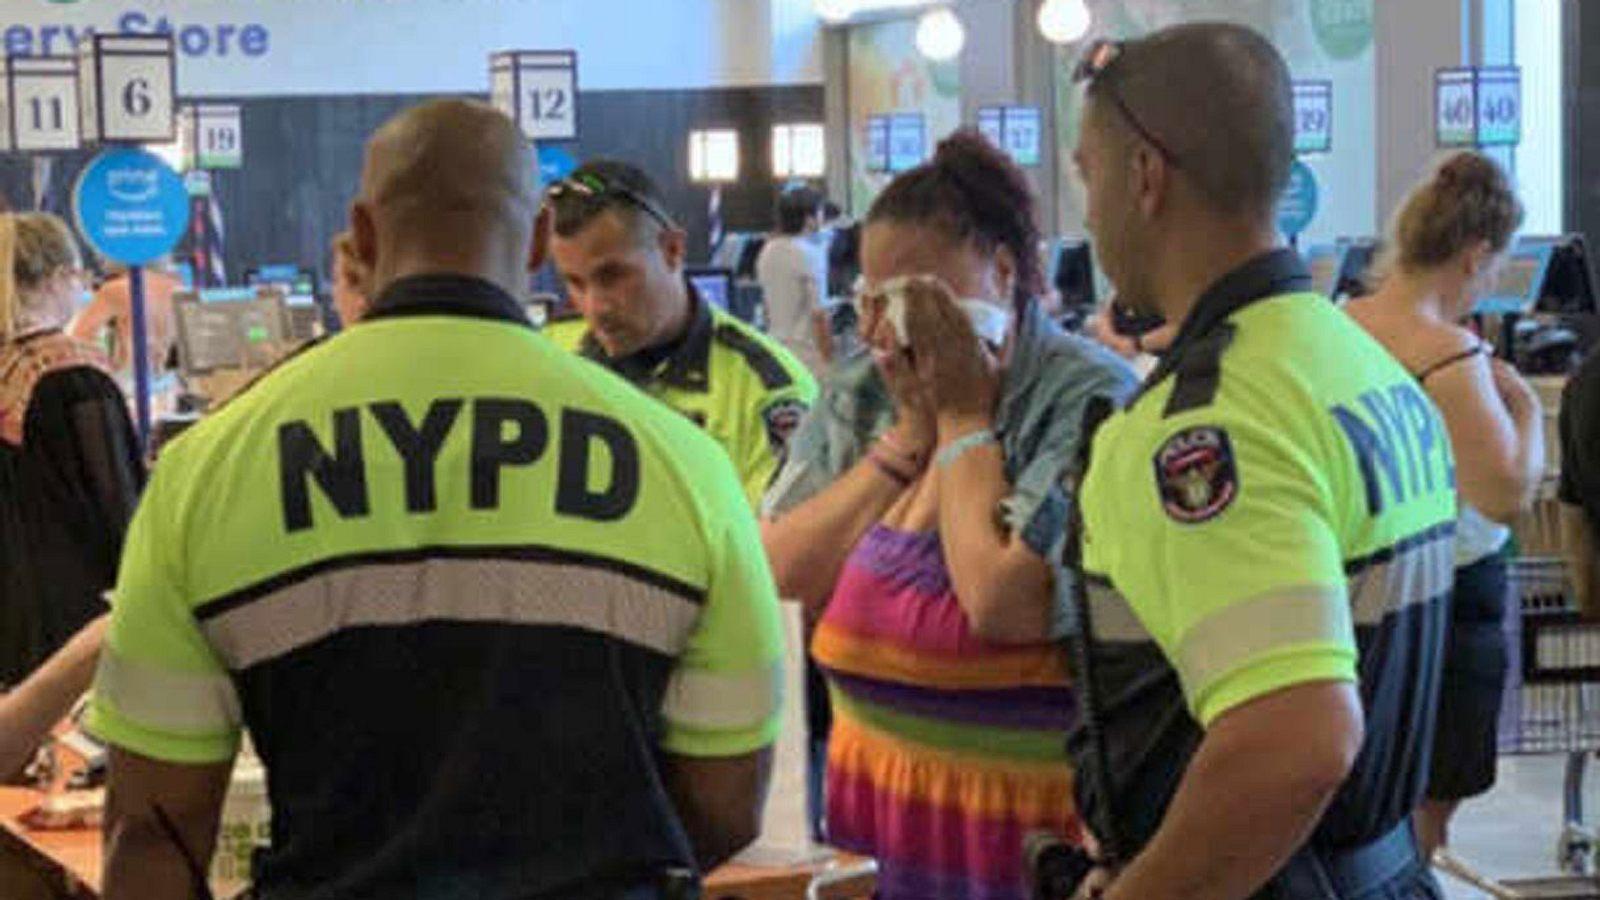 Frau beim Stehlen erwischt - Als die Polizei anrückt